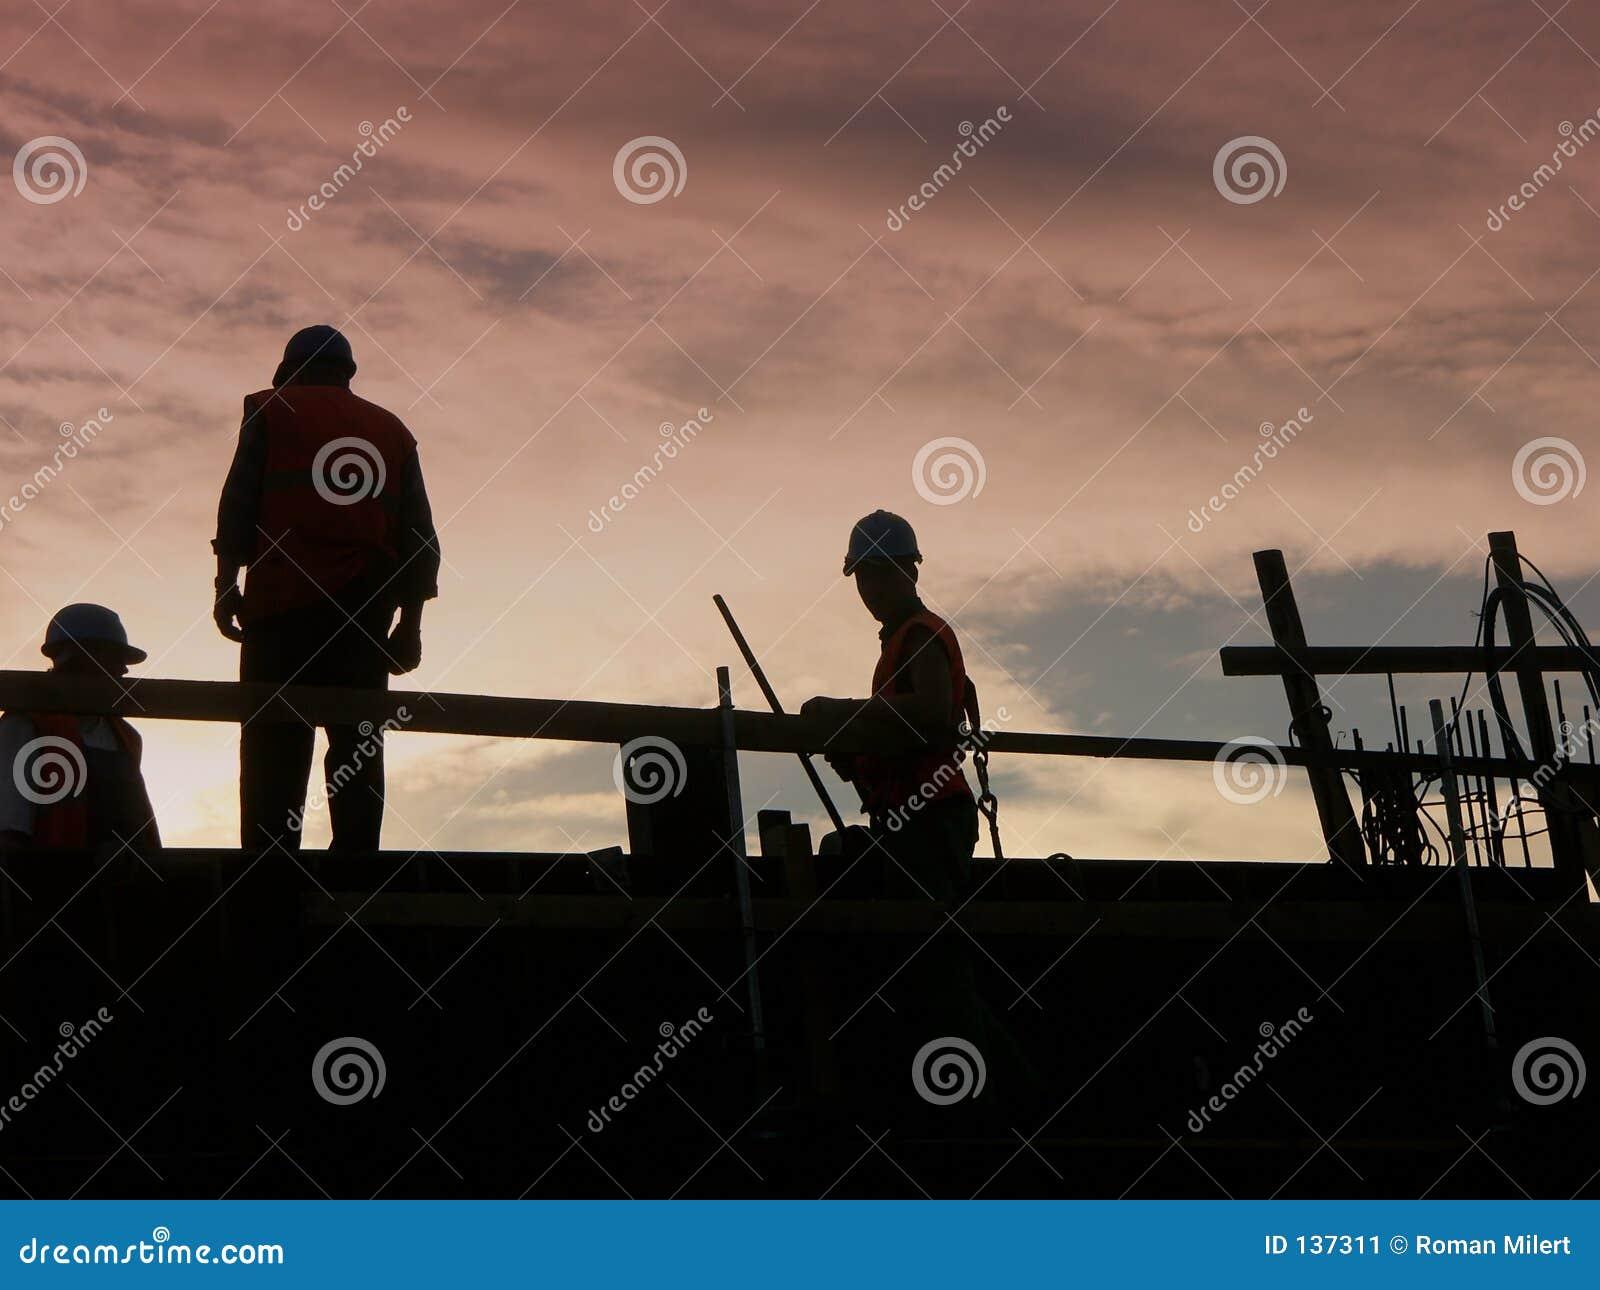 Silhouettes arbetare